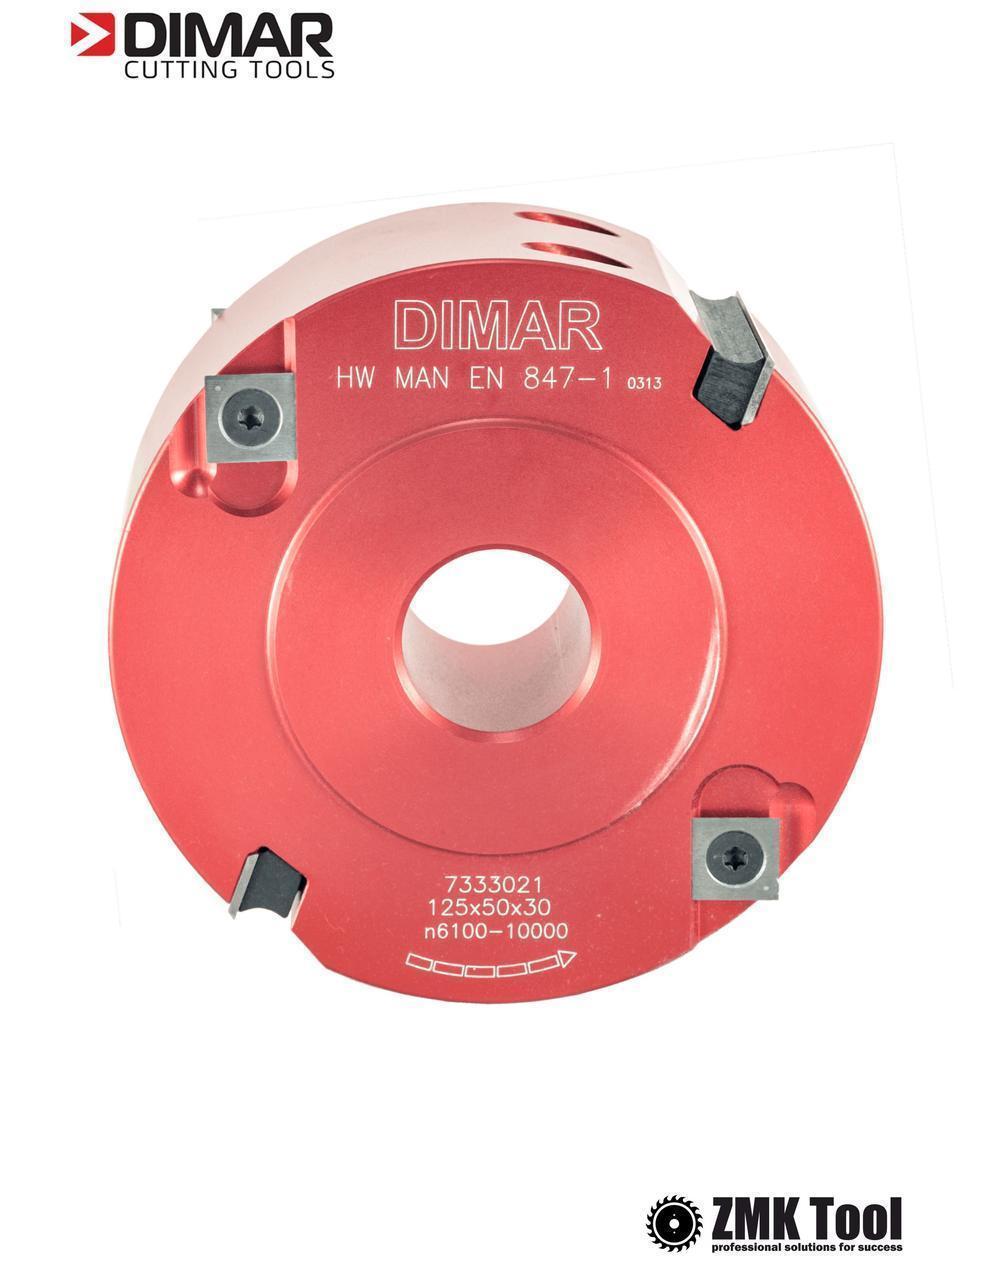 Фреза насадная DIMAR четвертная D=150 d=30-50 B=60 Z2+4 tmax=30. стальной корпус